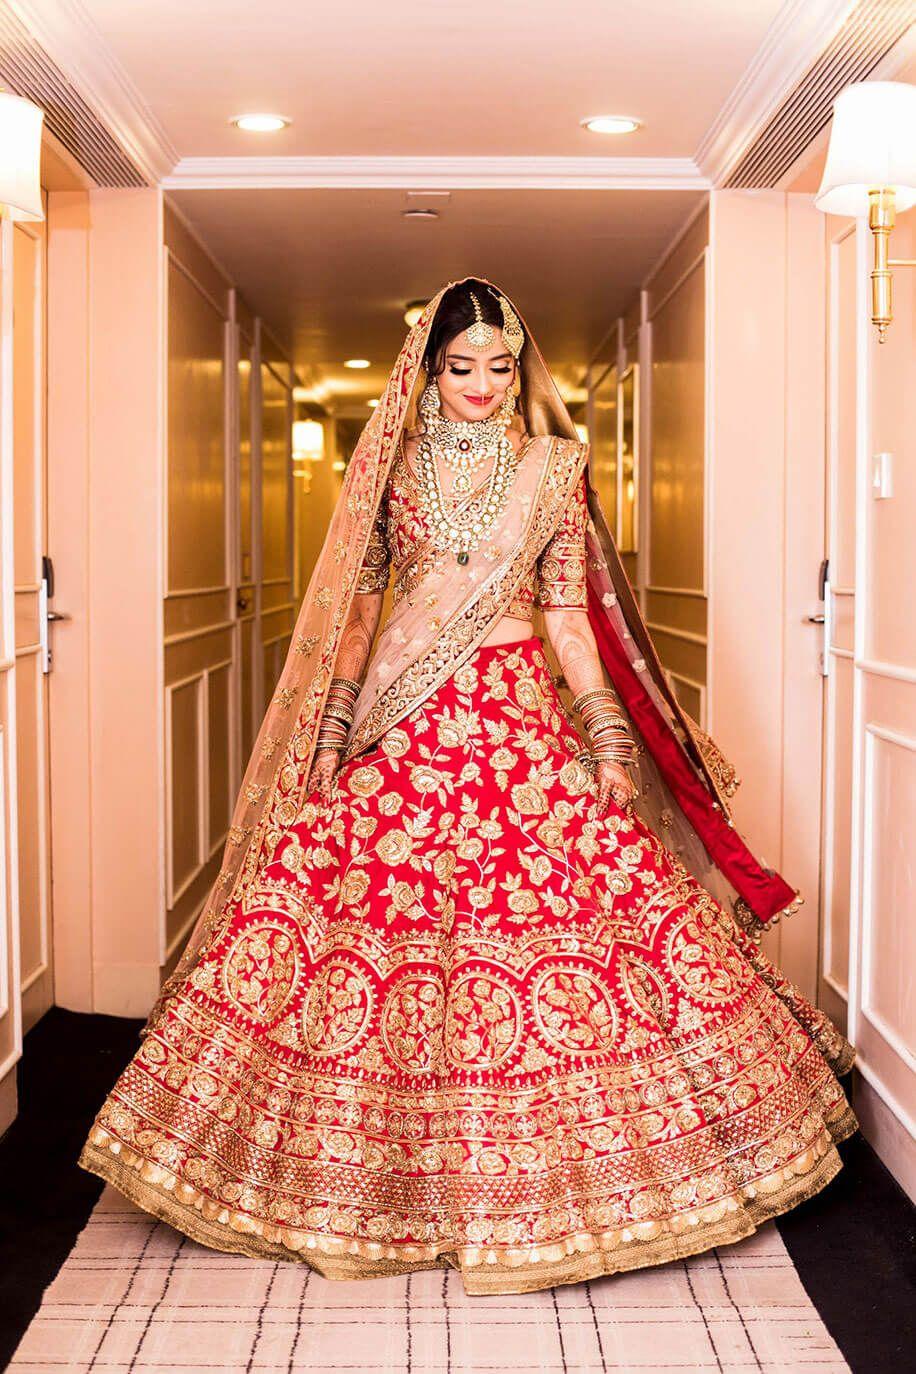 Malhotra Manish bridal lehanga 14 collection best photo